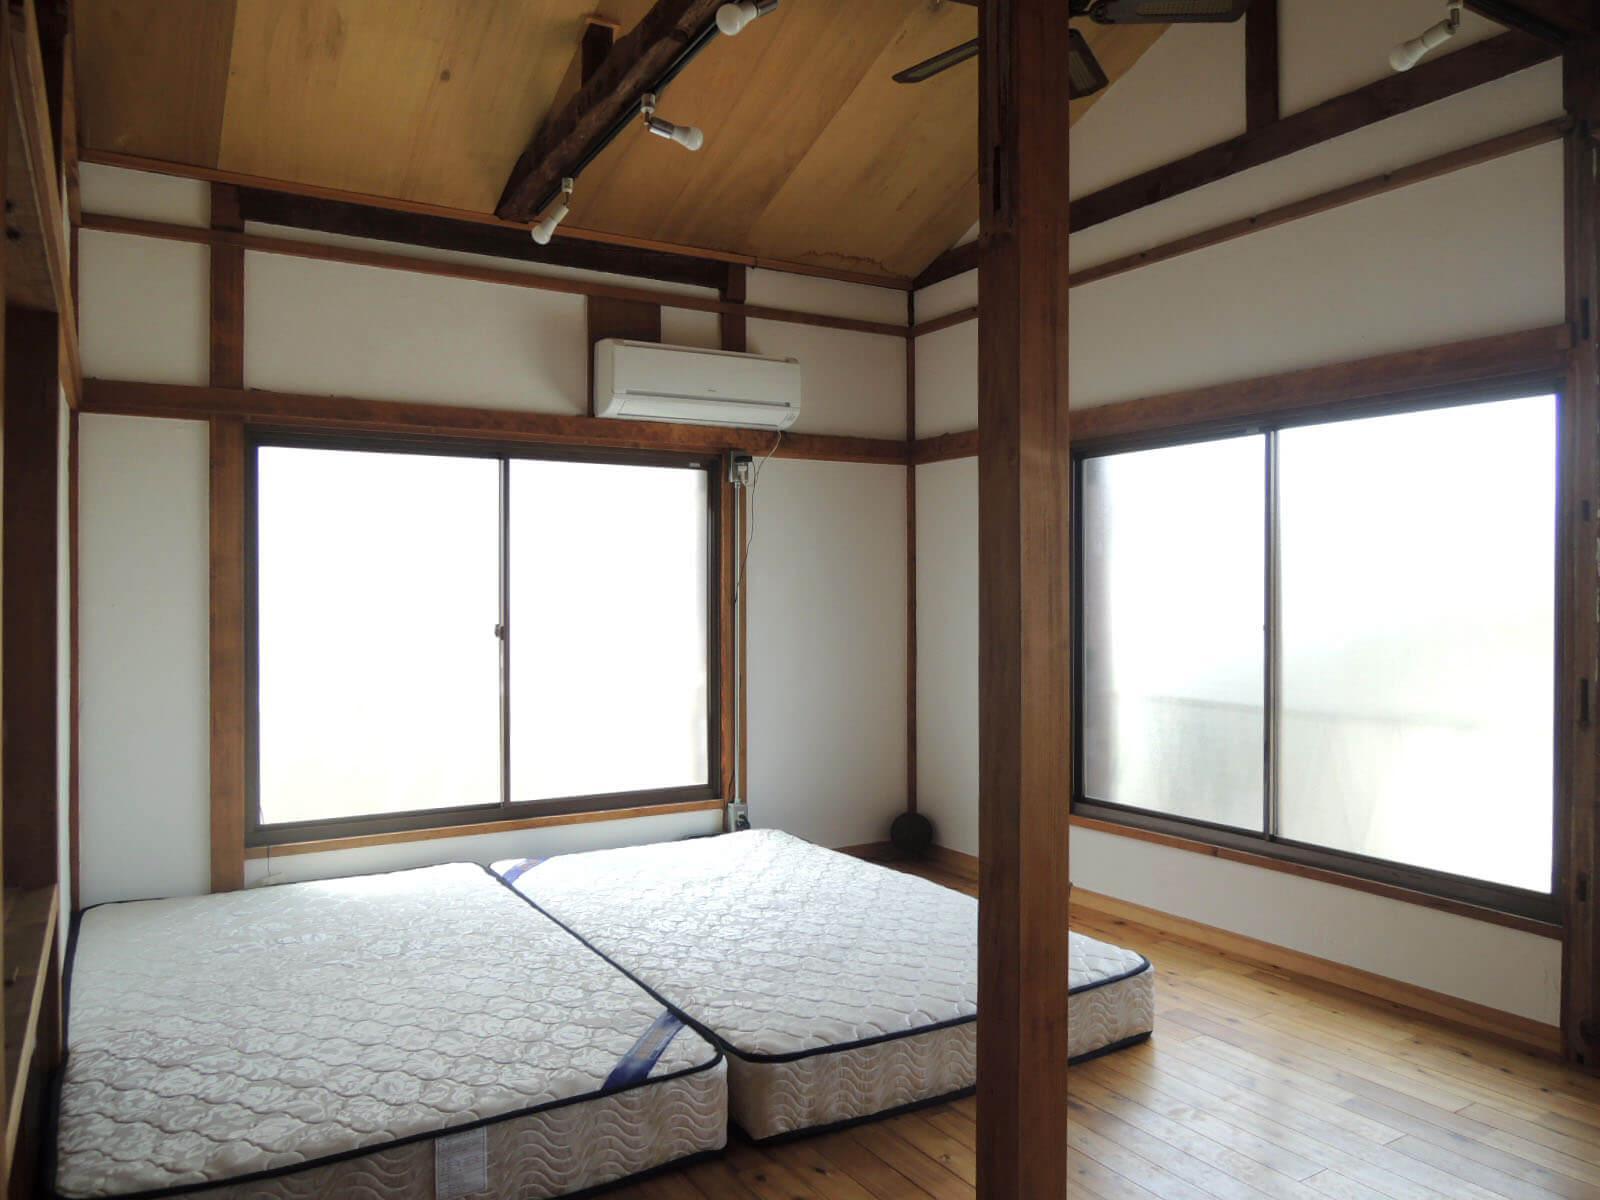 [203] 2階奥にあるいちばん広い部屋